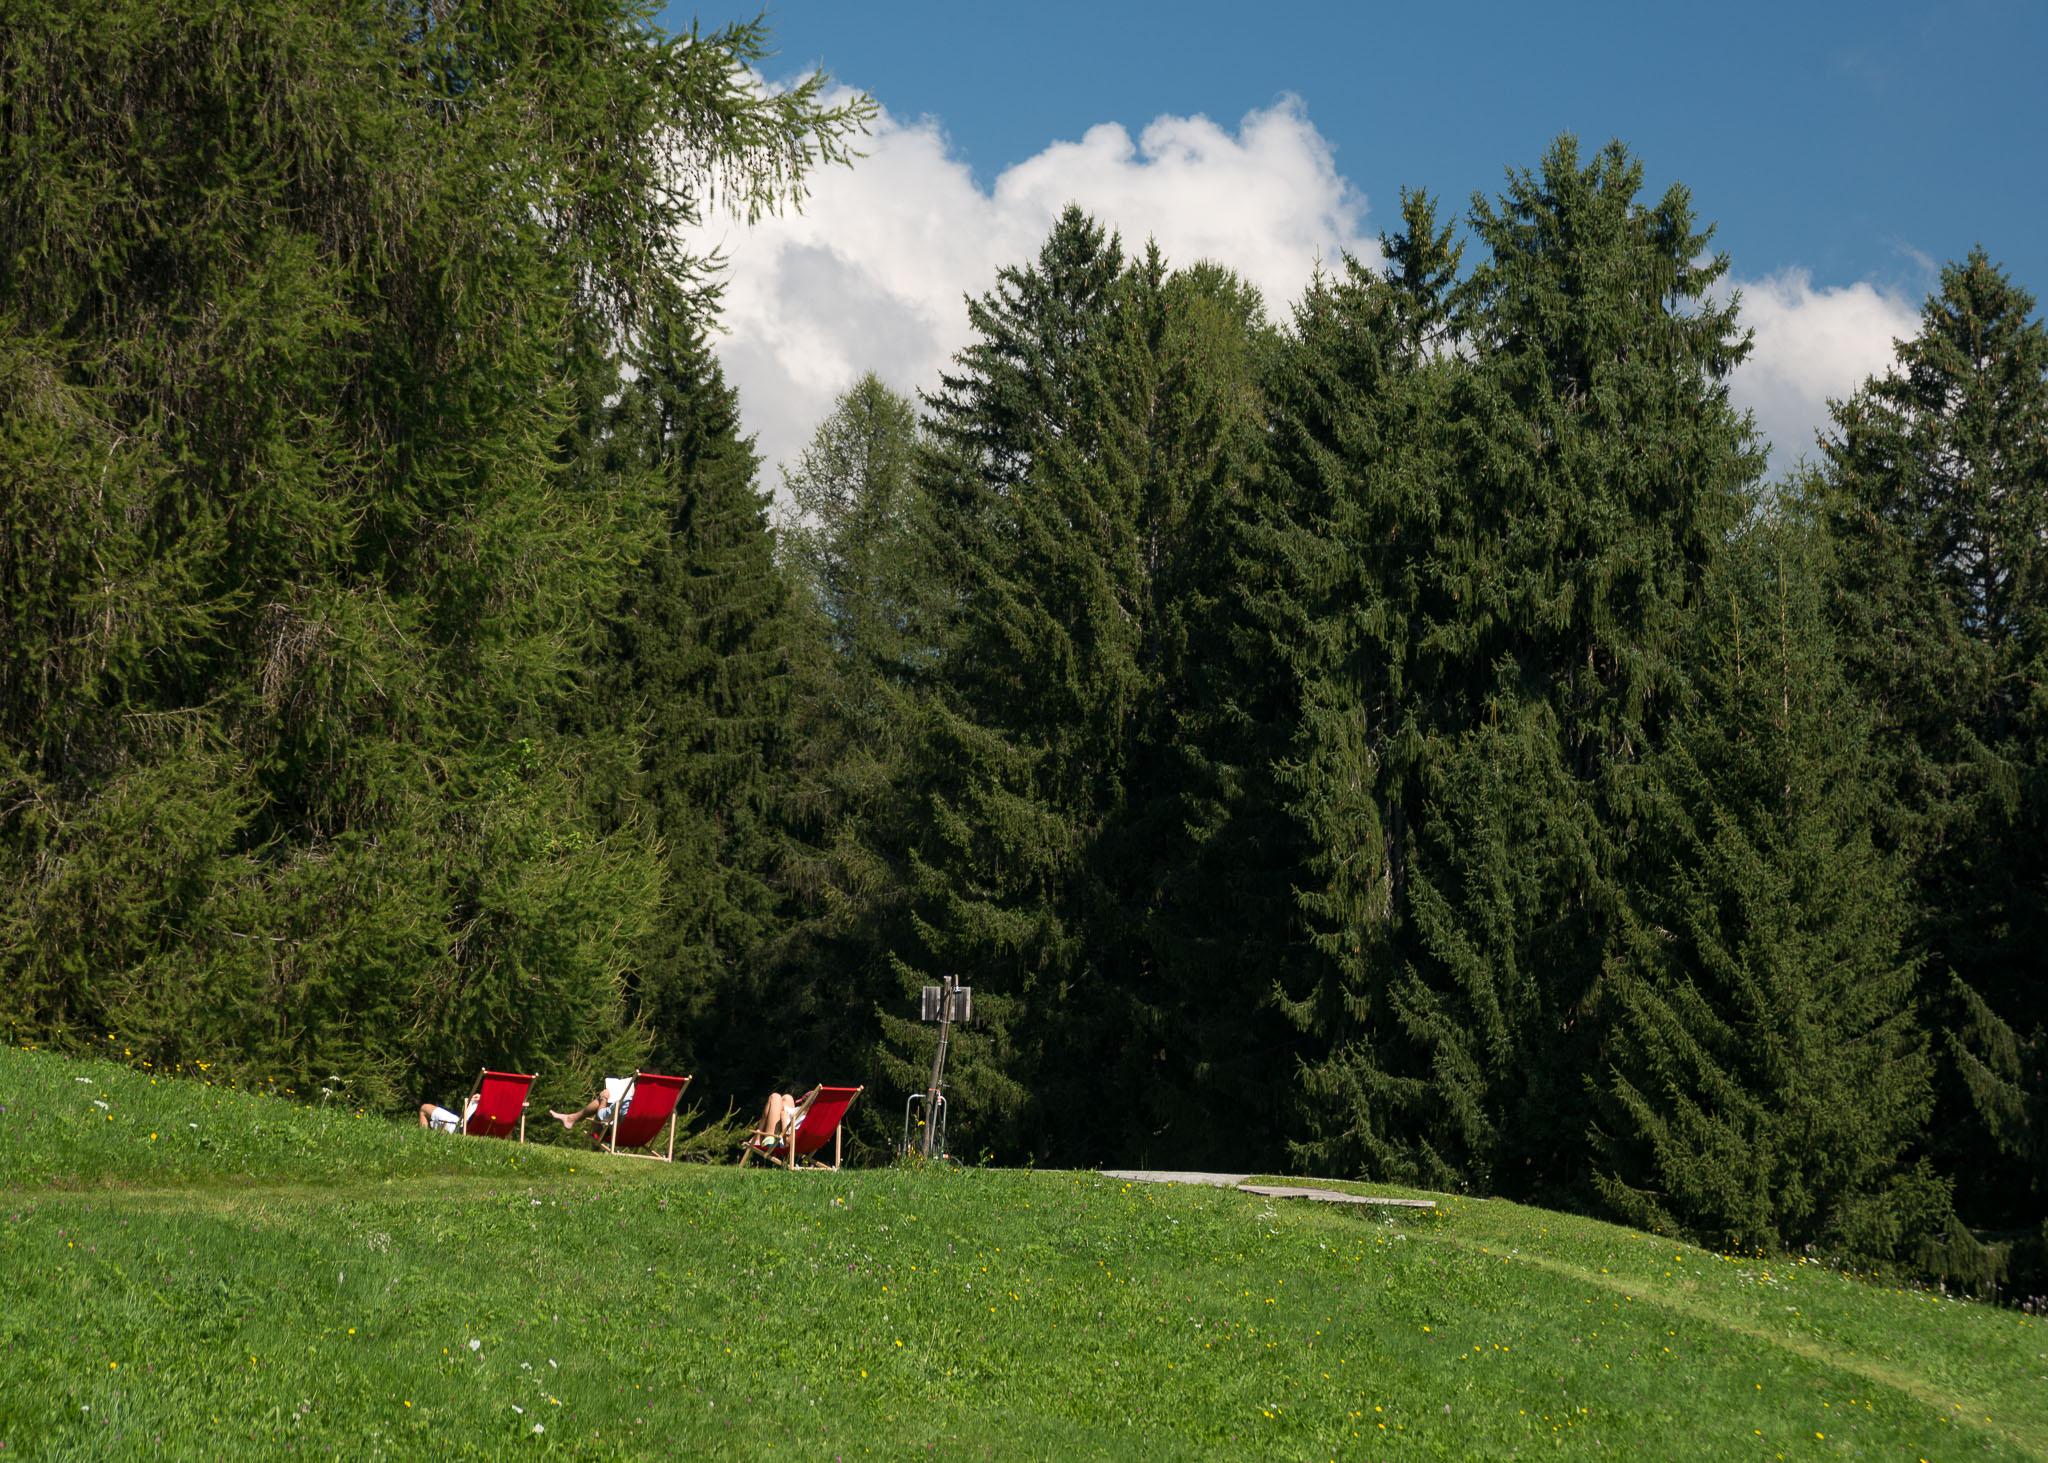 Umgeben von Wald und Wiesen laden die Liegestühle am Pool zum Entspannen ein.